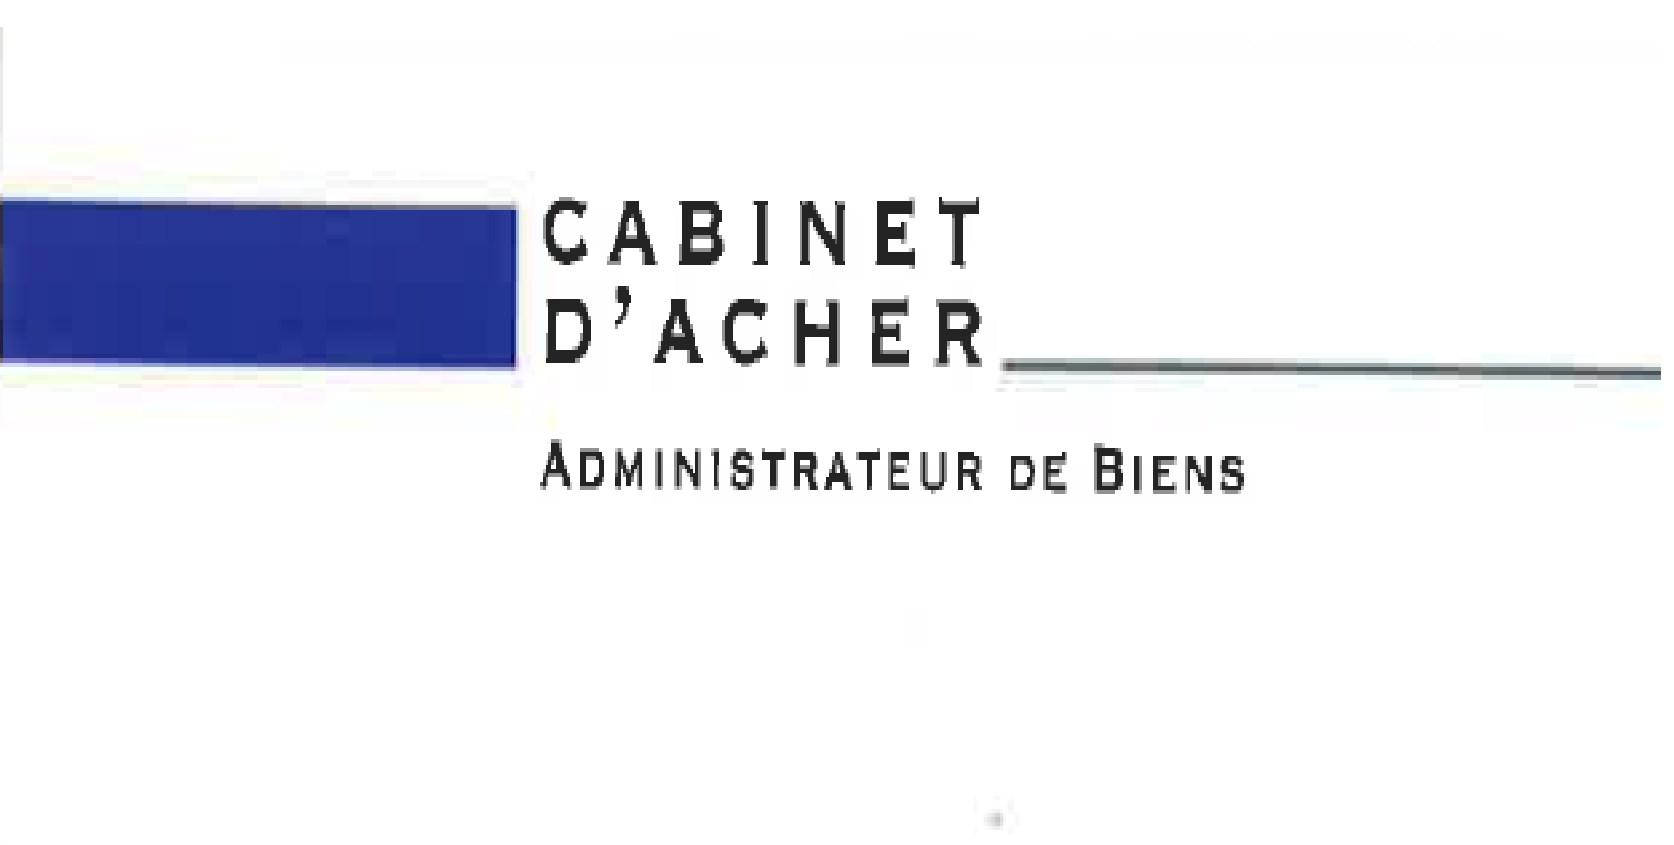 CABINET D'ACHER